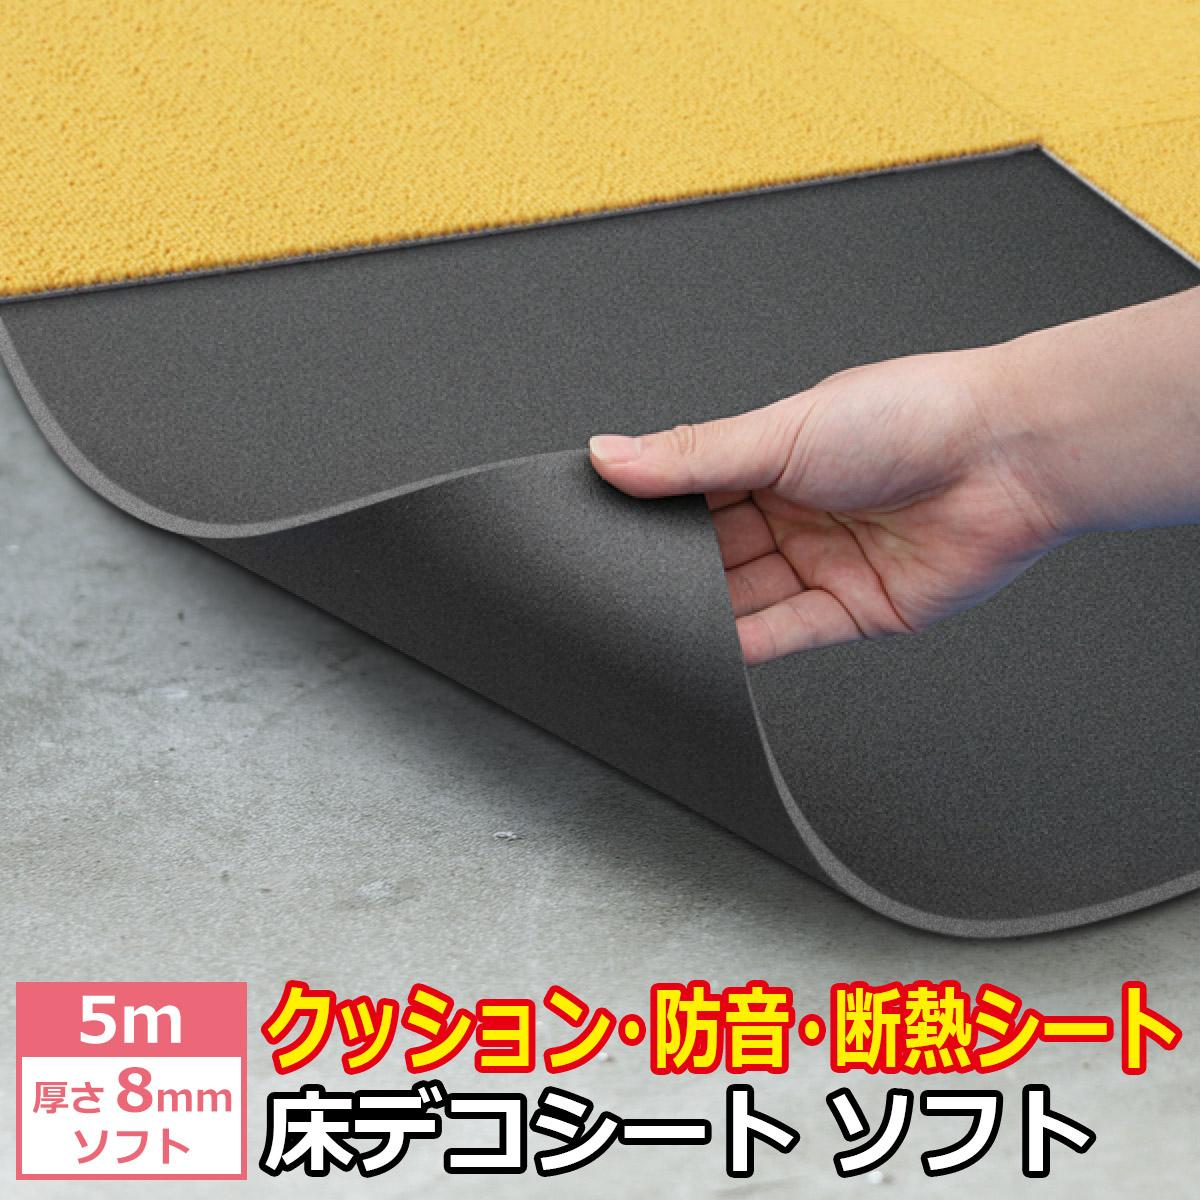 クッション・防音・断熱シート 床デコシート ソフト 5メートル巻 厚さ8ミリ